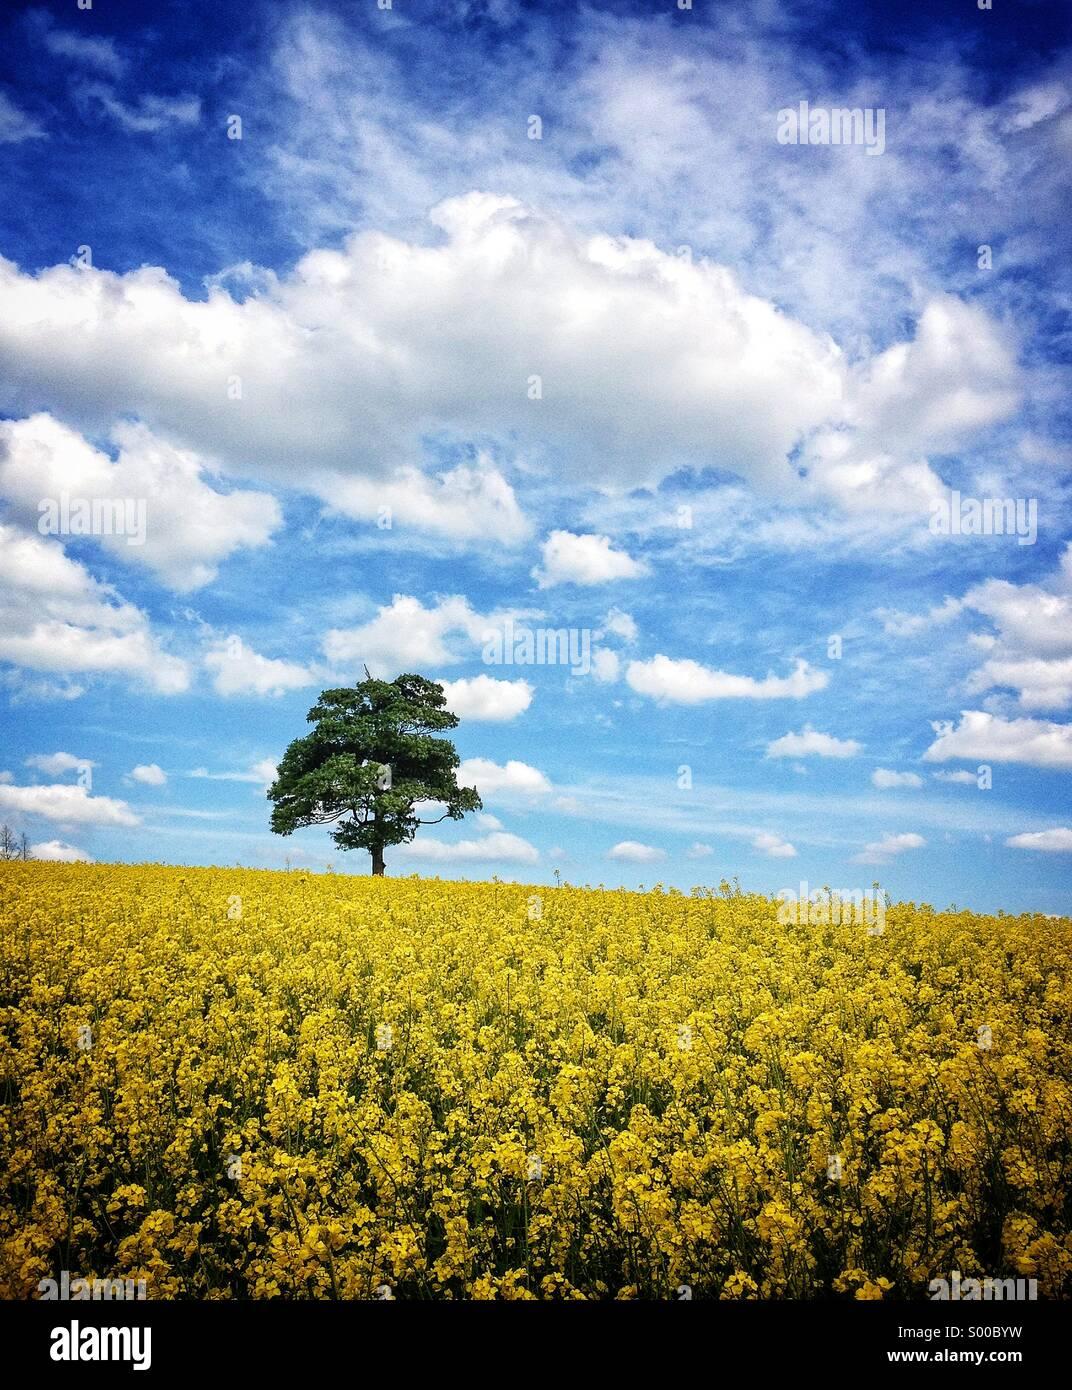 Arbre isolé dans un champ de graines, Warwickshire, UK Photo Stock